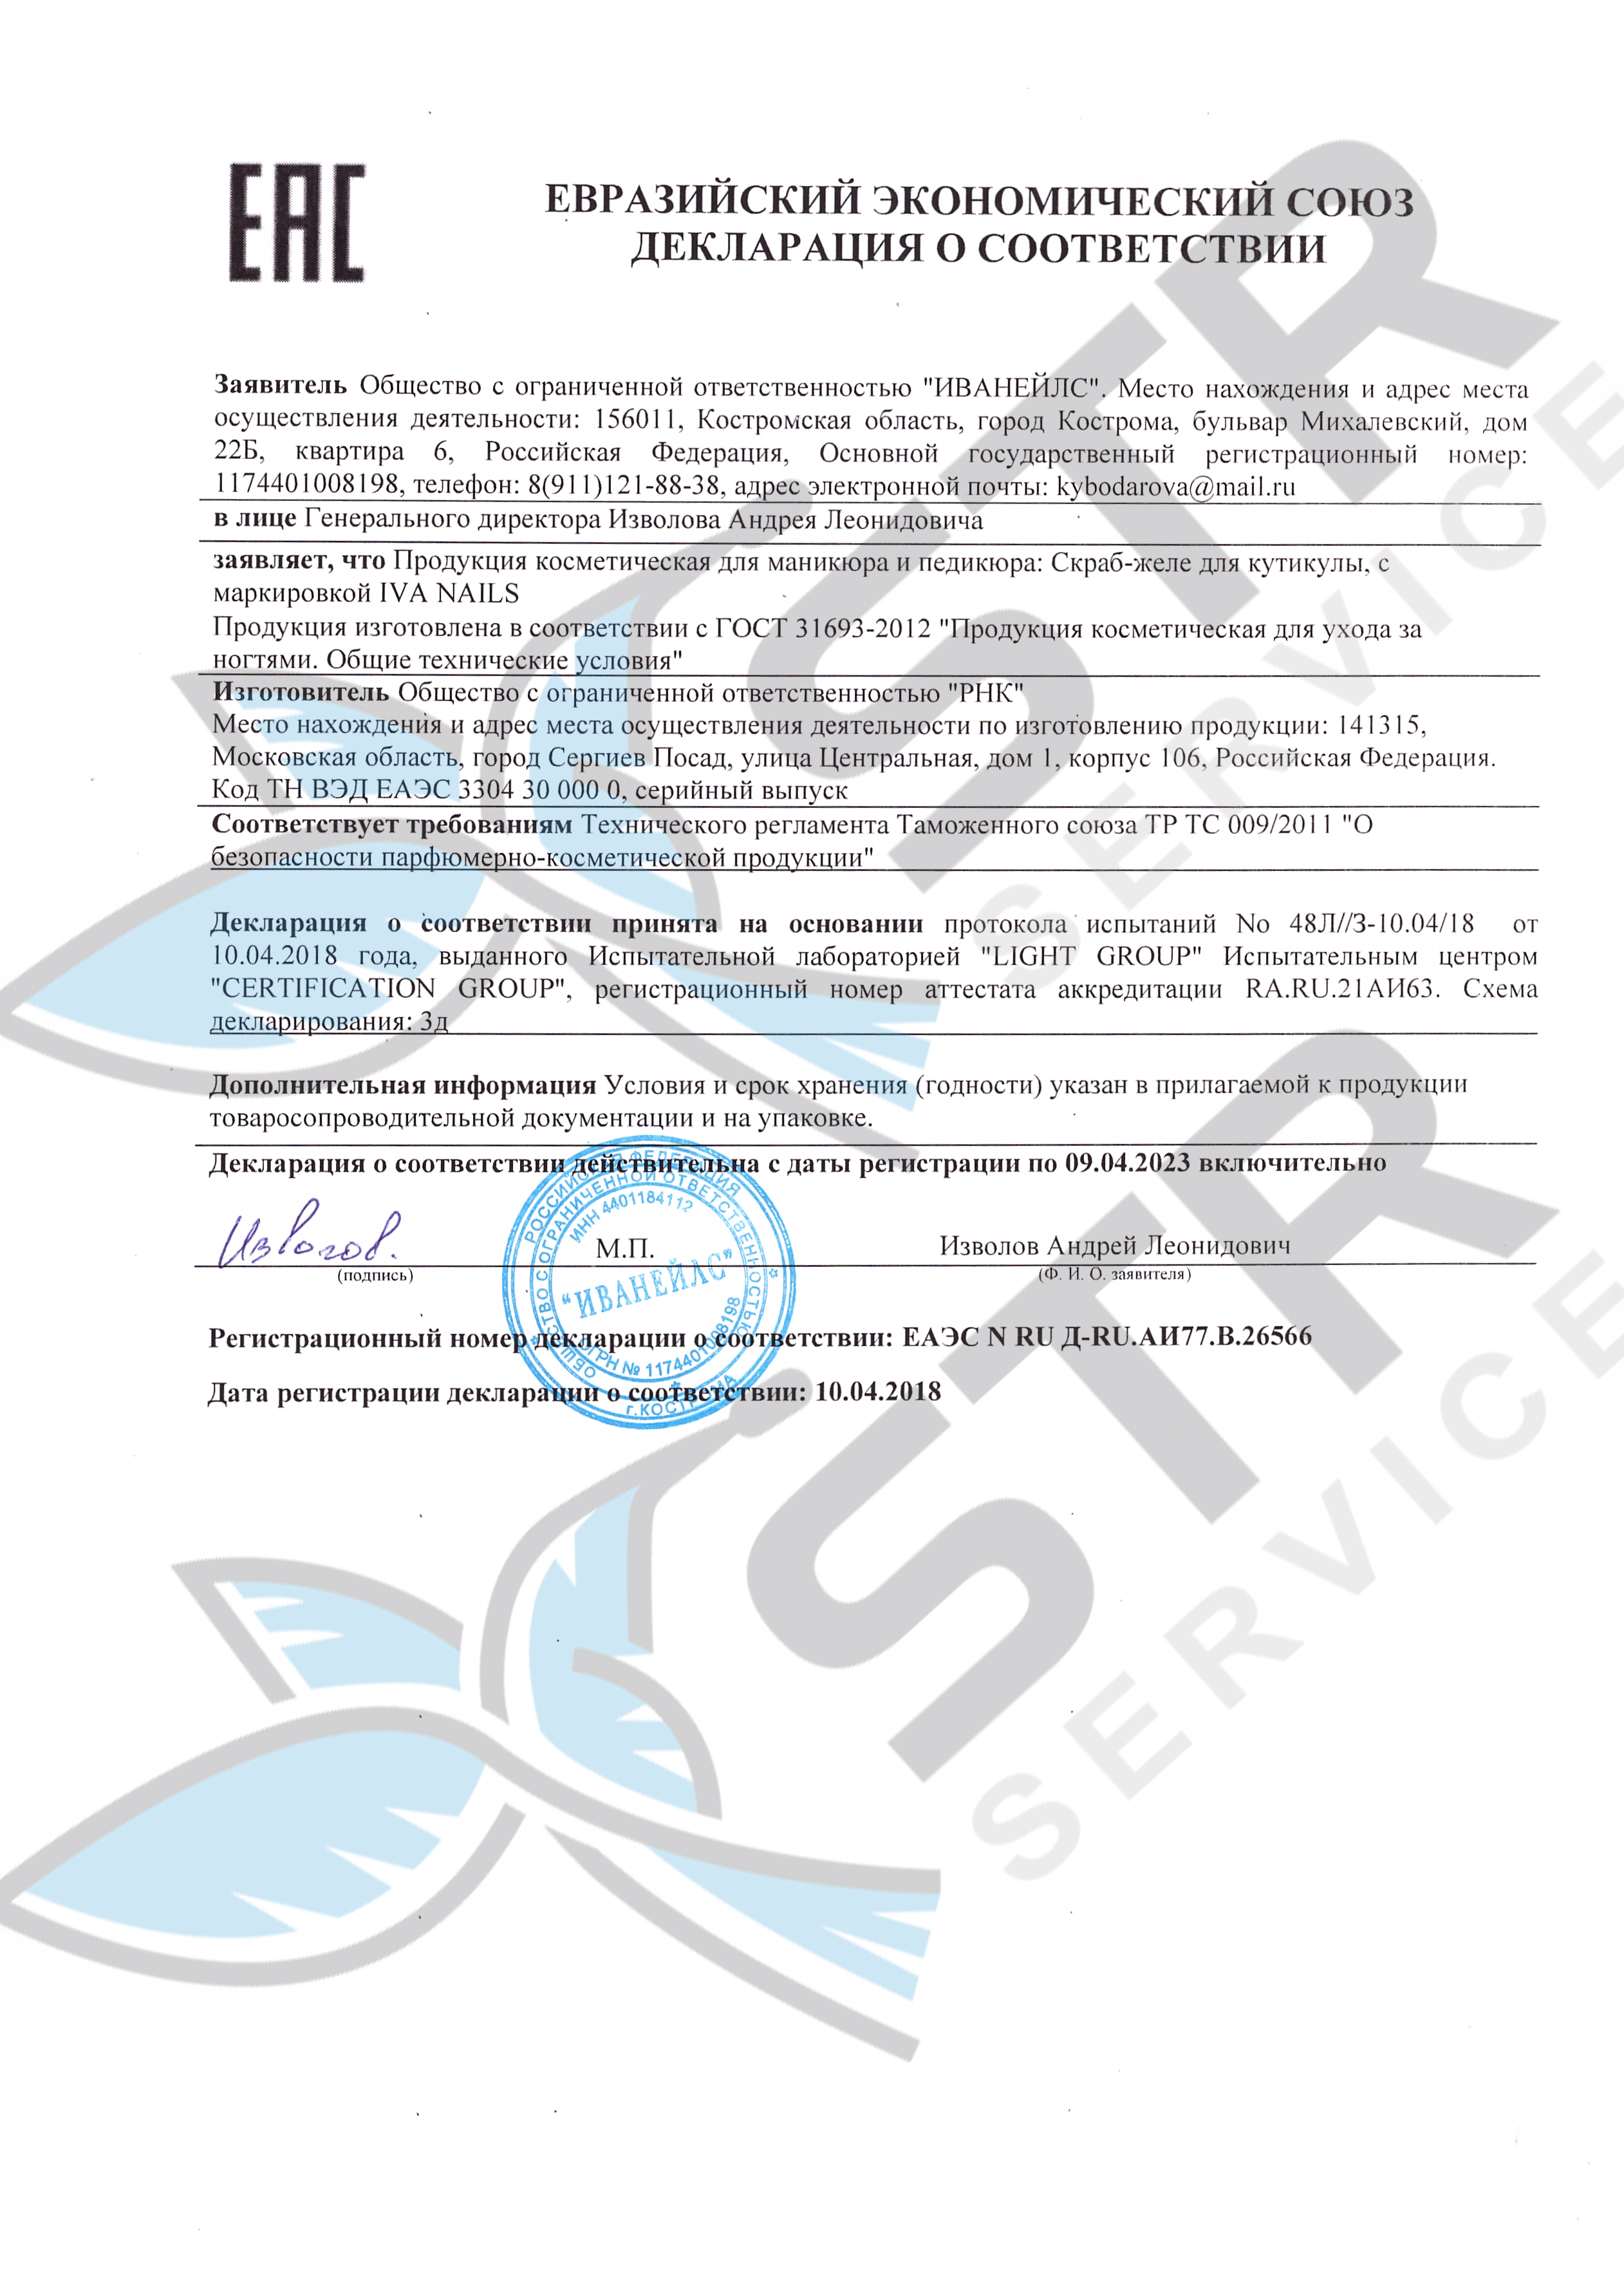 сертификат на базу и топ iva nails